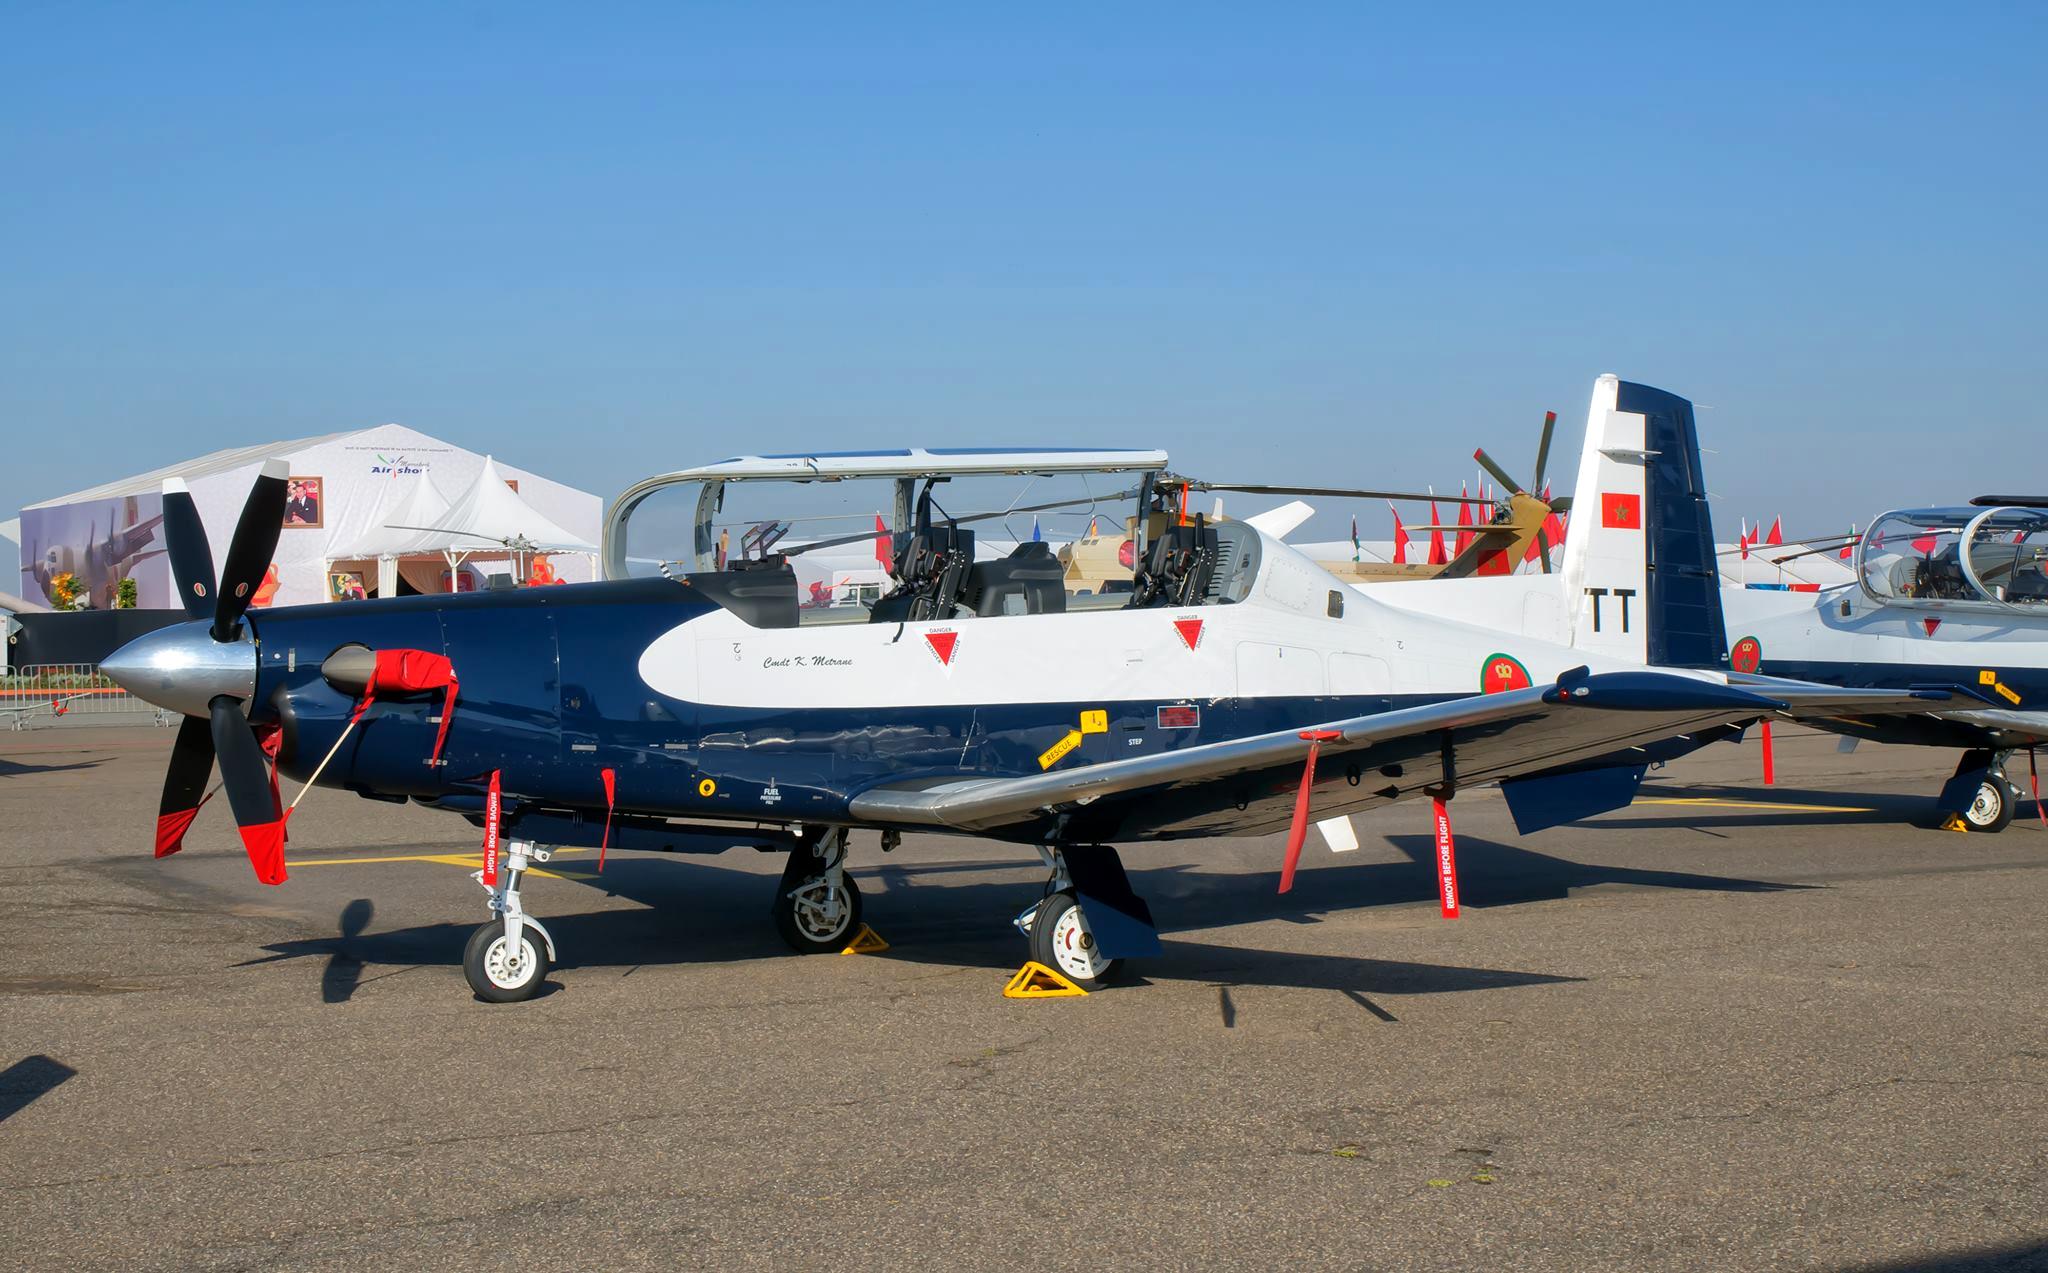 القوات الجوية الملكية المغربية - متجدد - - صفحة 2 160201065340516837